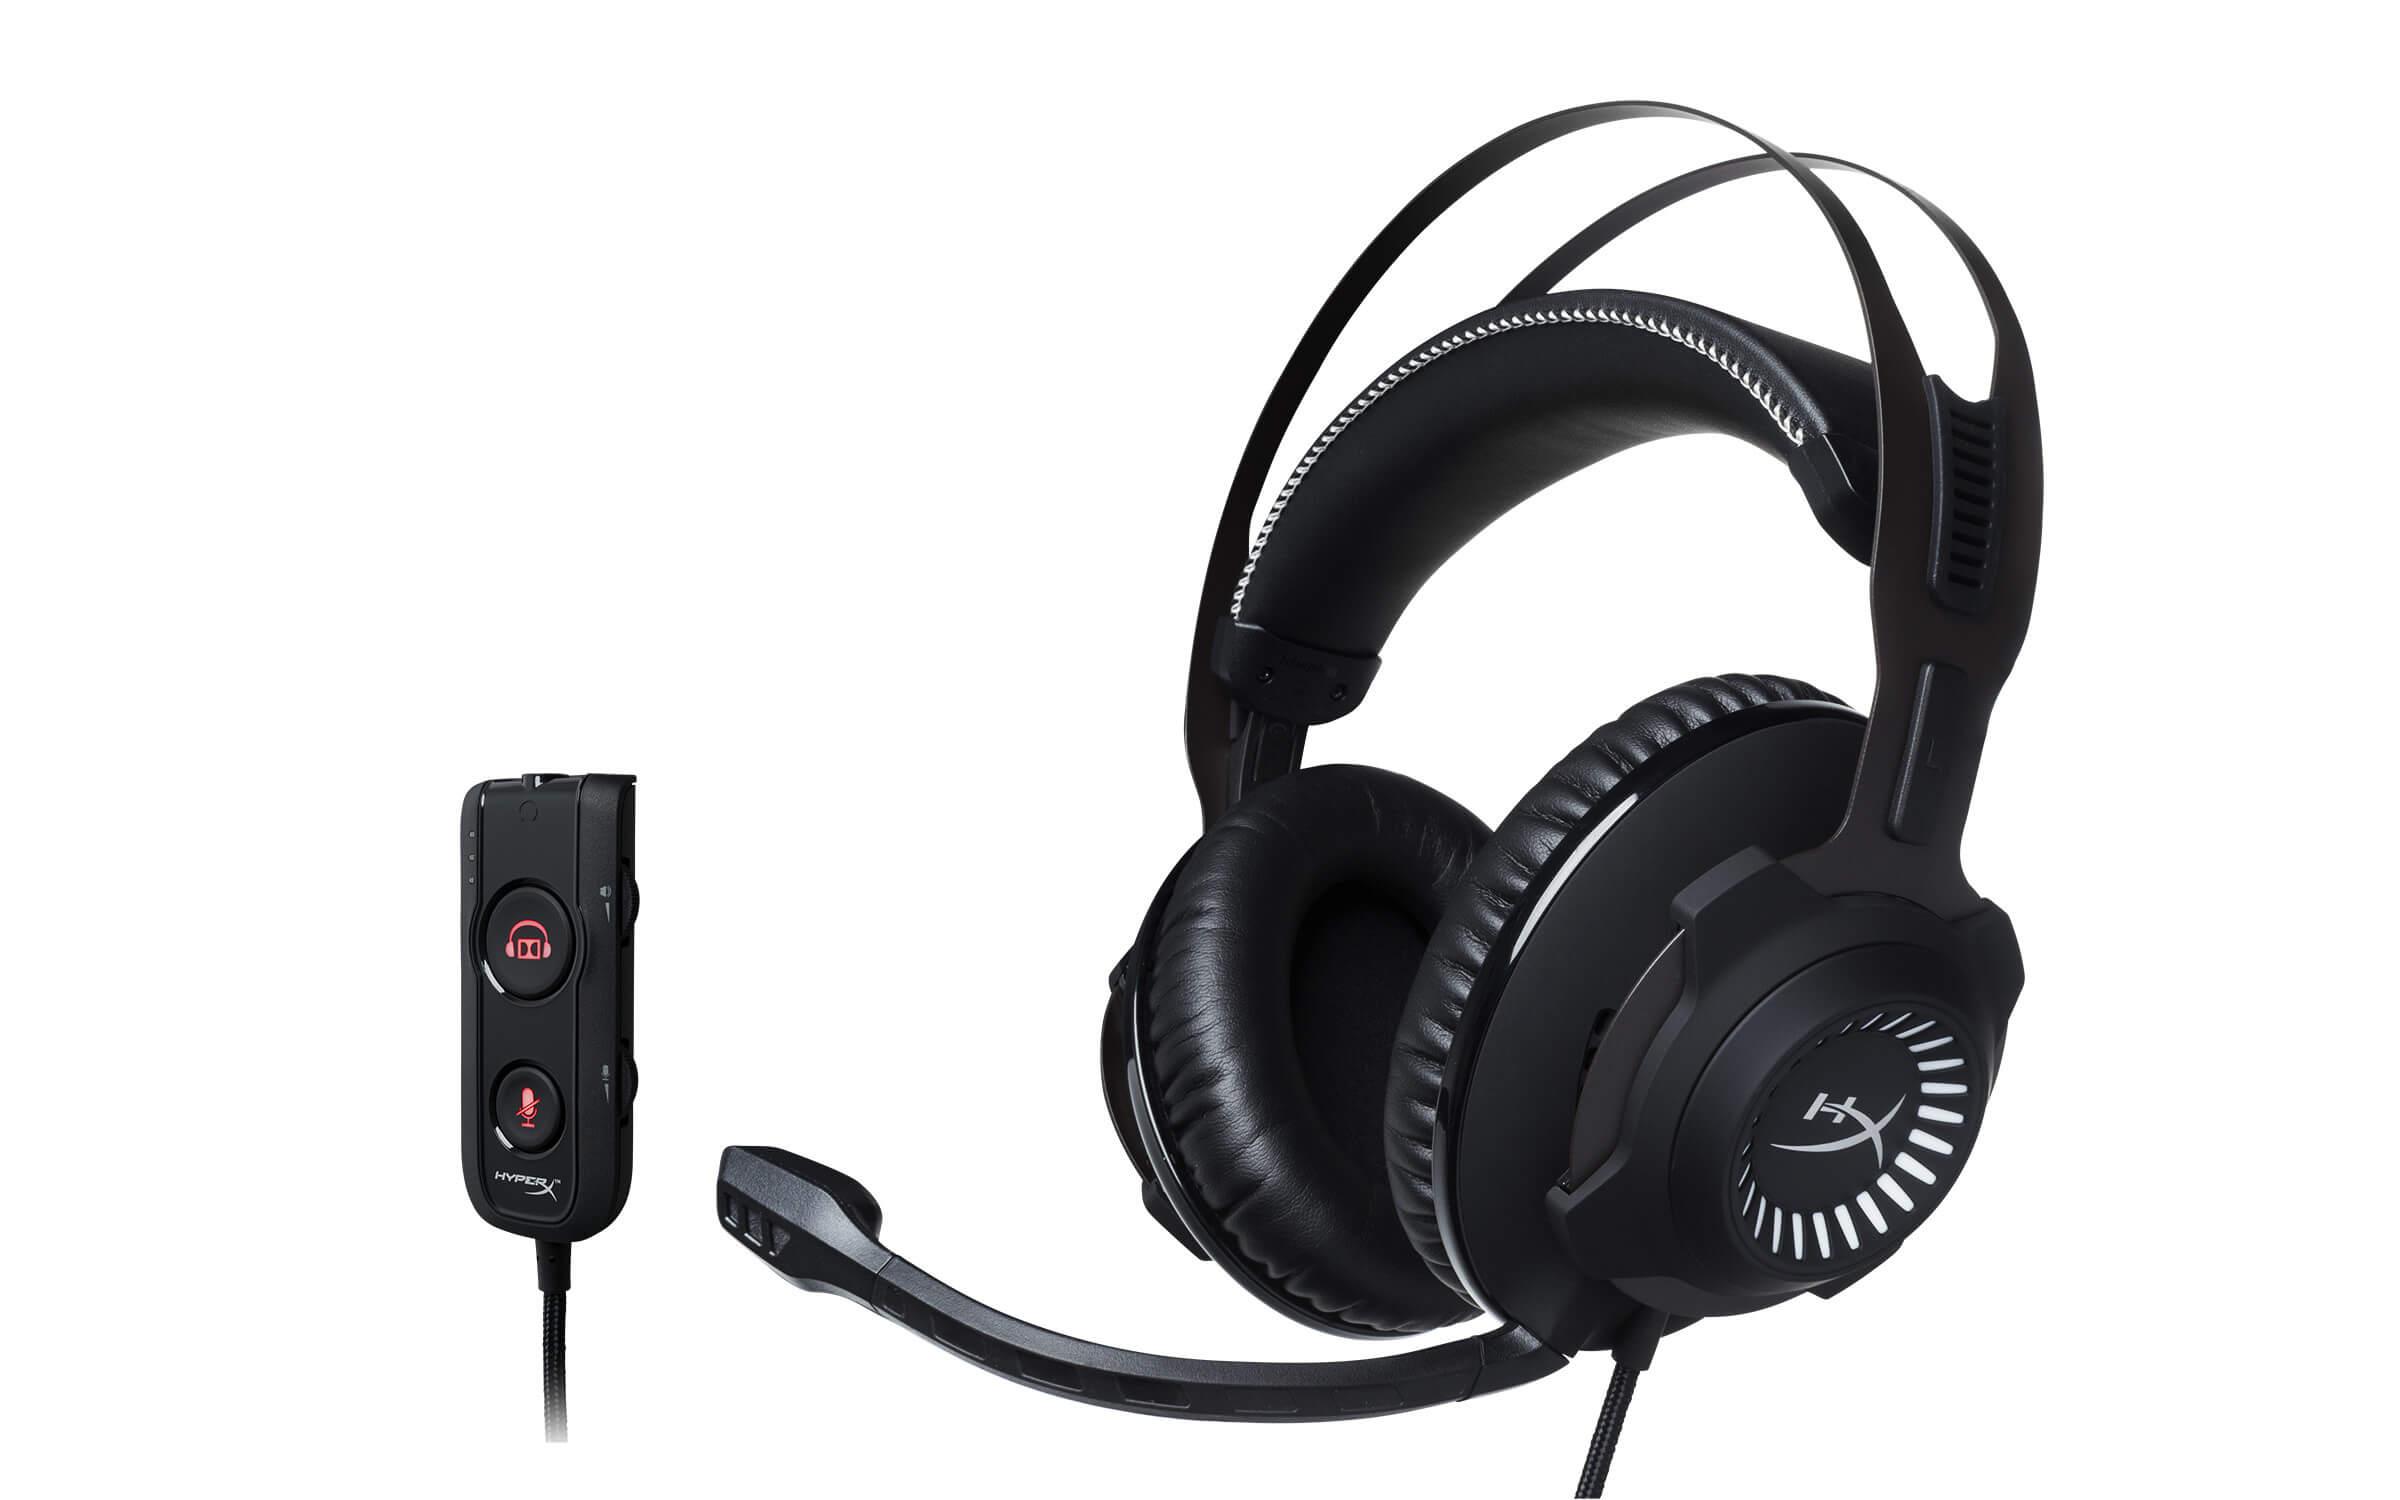 HyperX anuncia los auriculares Cloud Revolver S con Dolby Surround